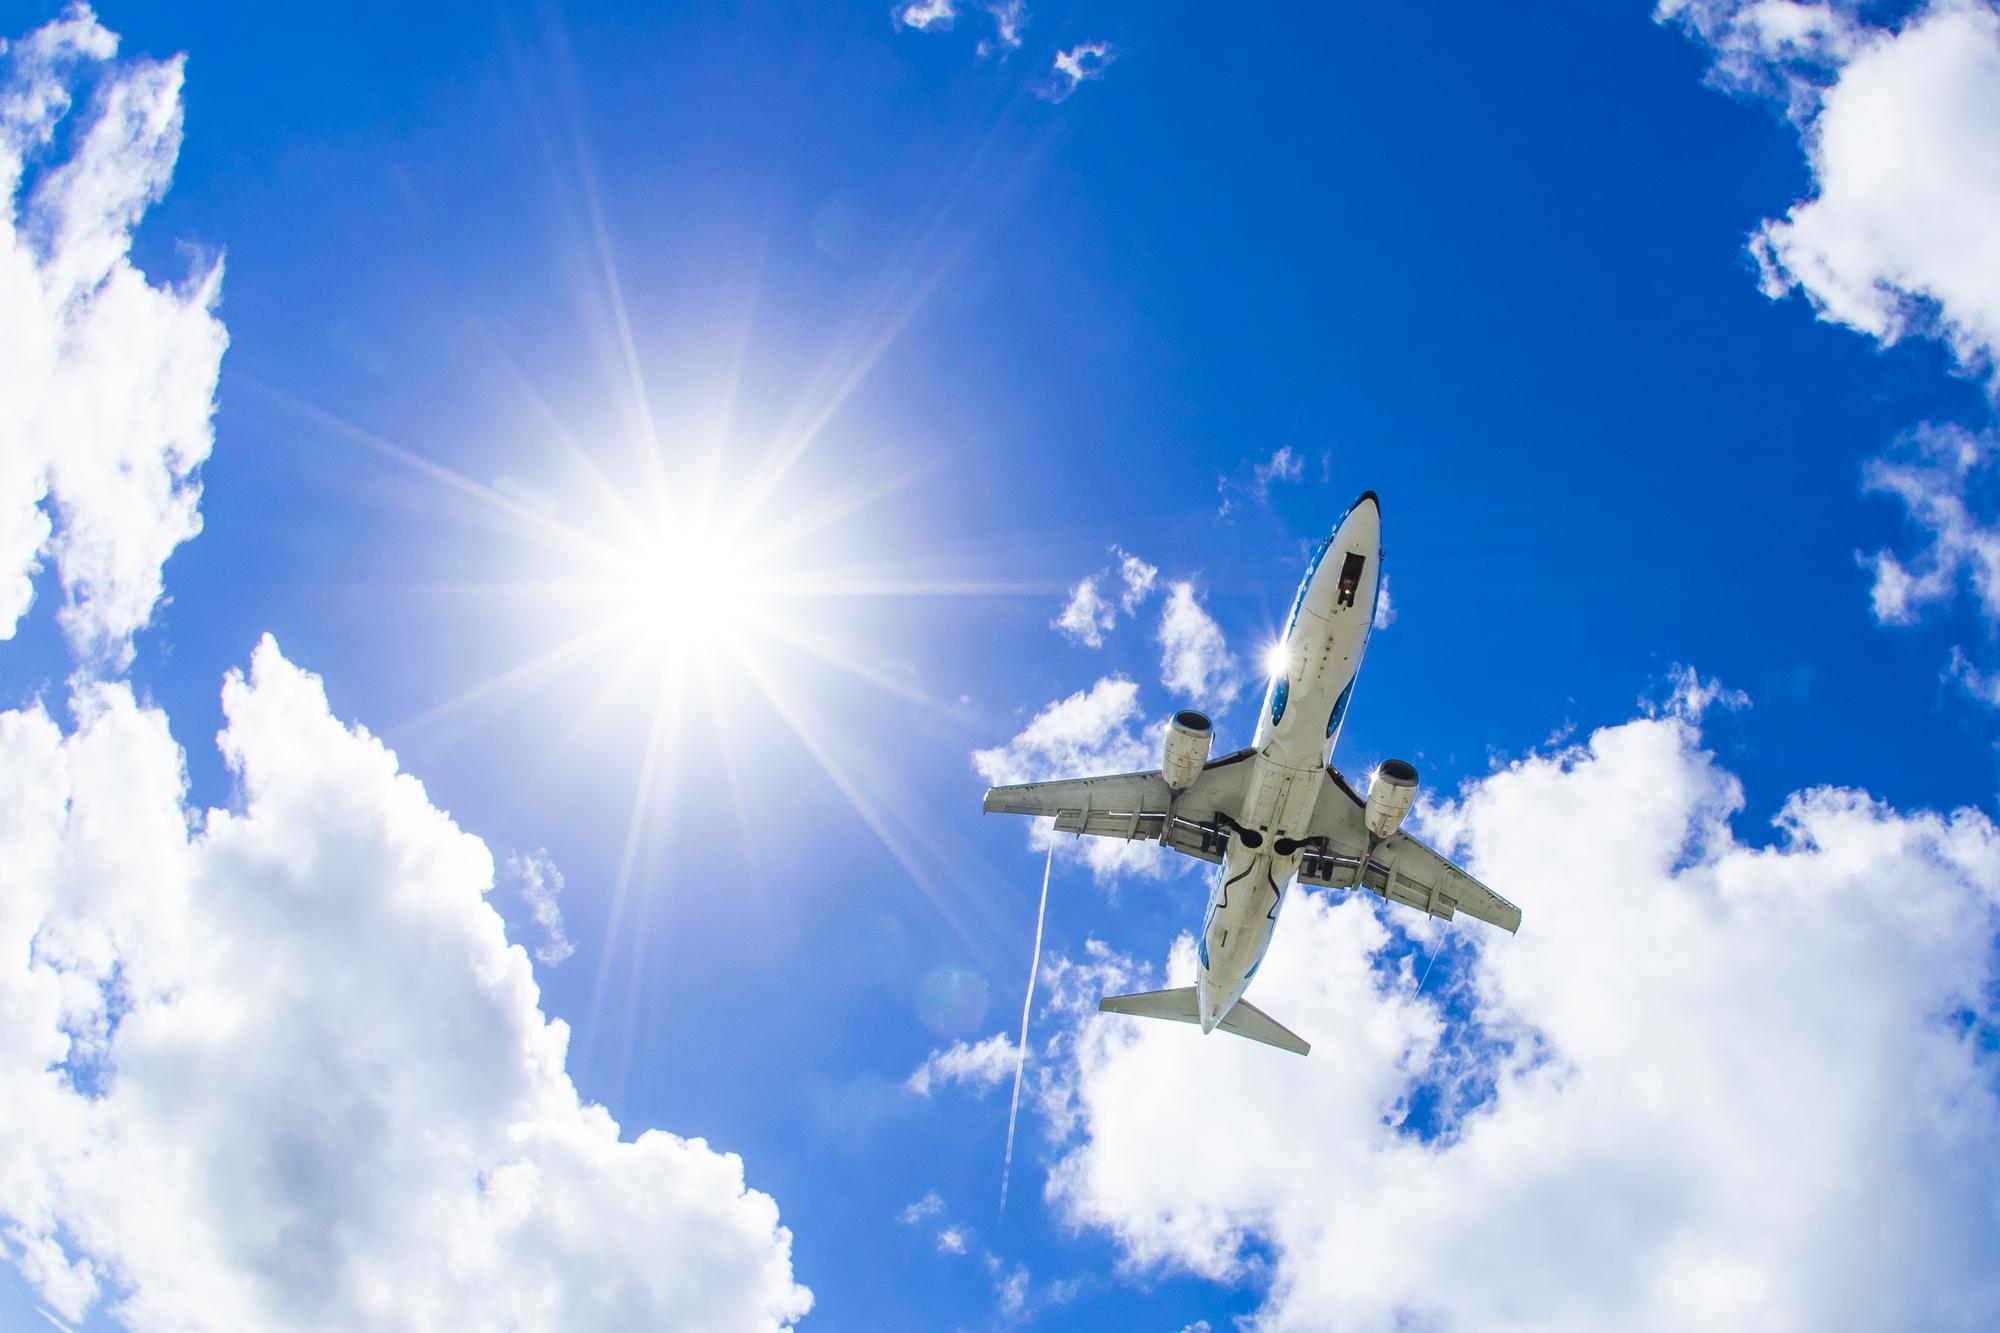 夏休みの国内旅行なら格安航空券がお得